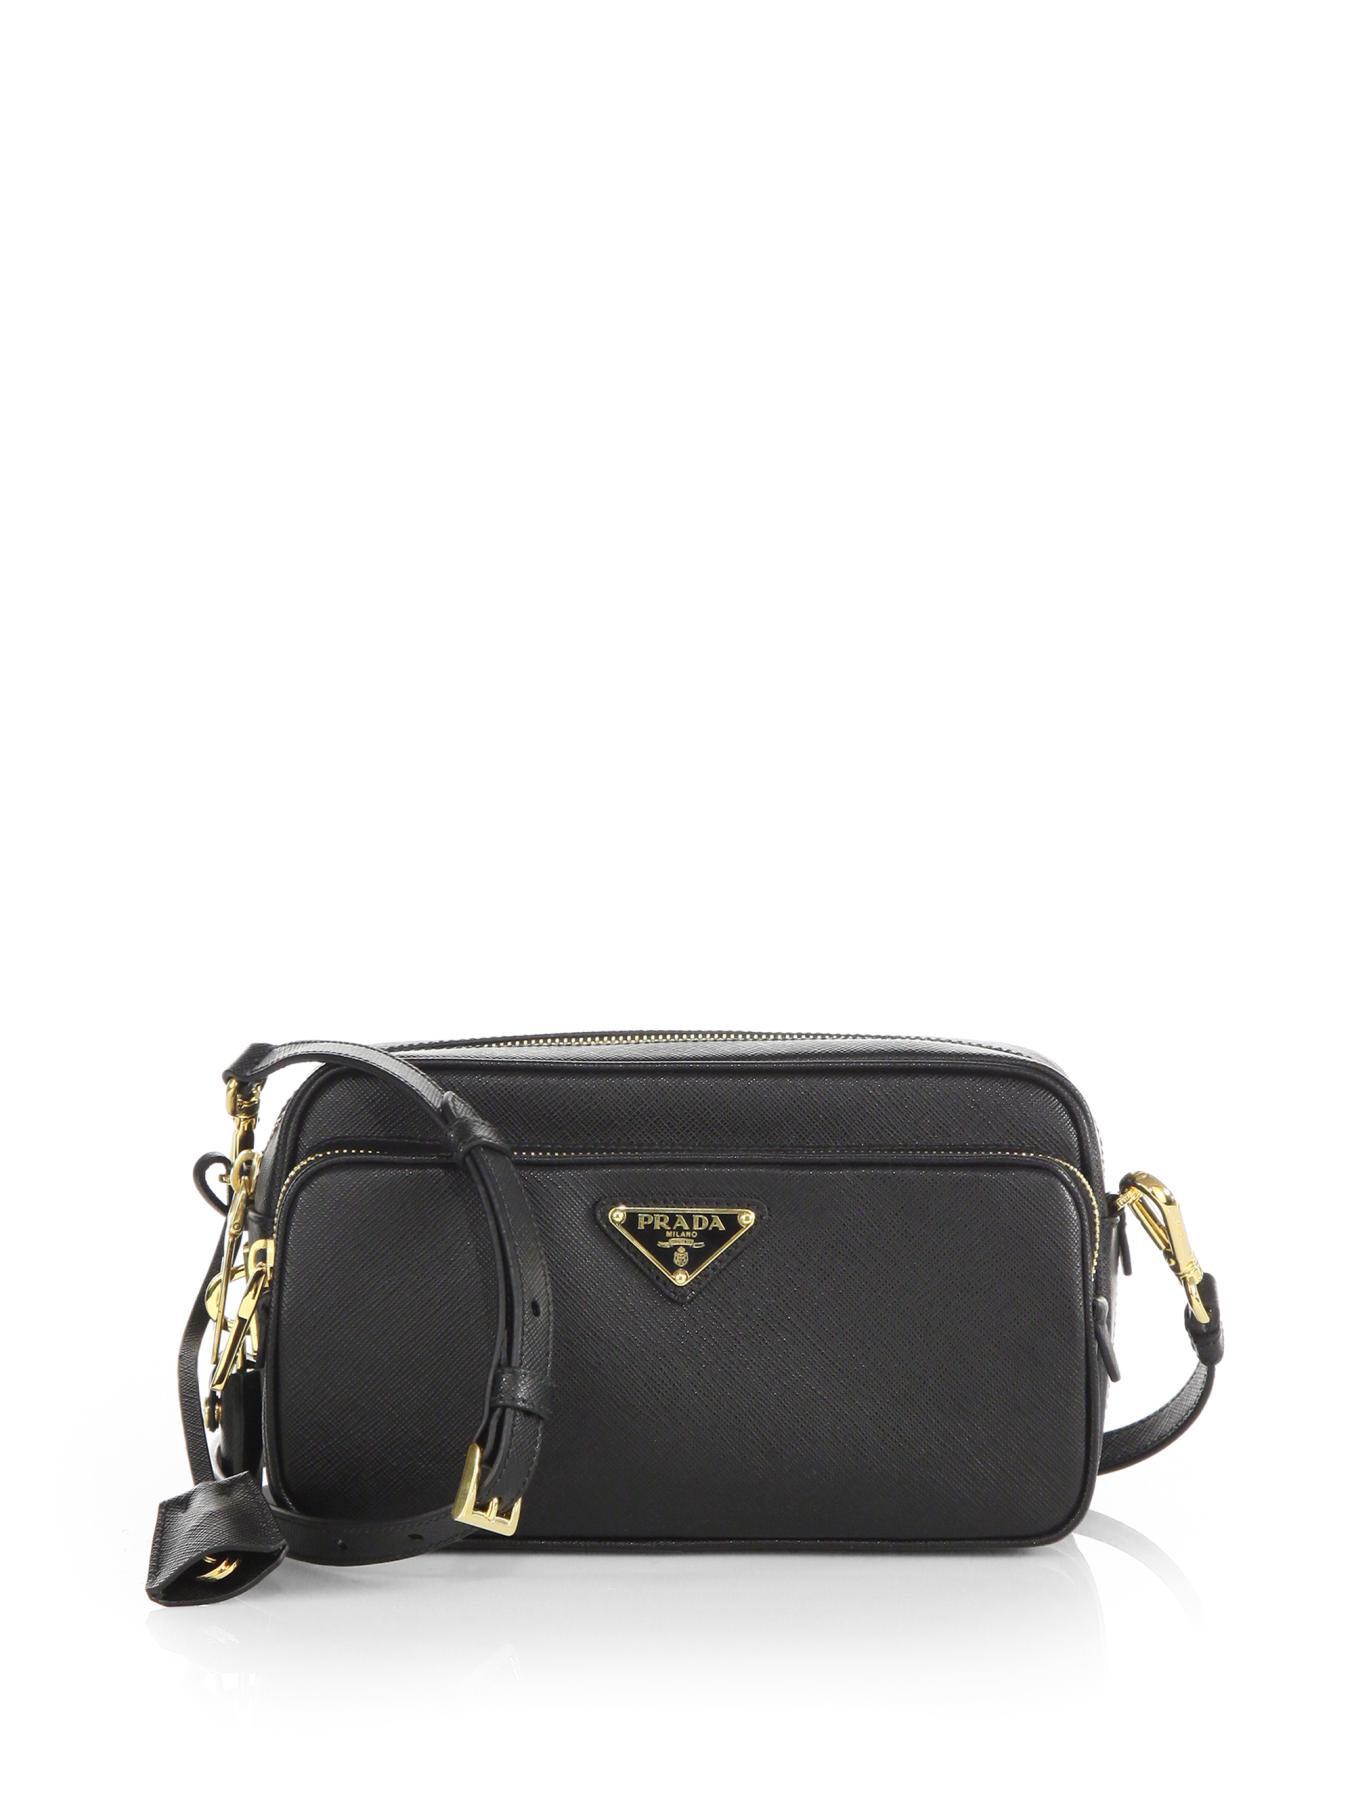 9160330742ad ... purchase lyst prada saffiano lux double zip crossbody bag in black  e7b49 a98a8